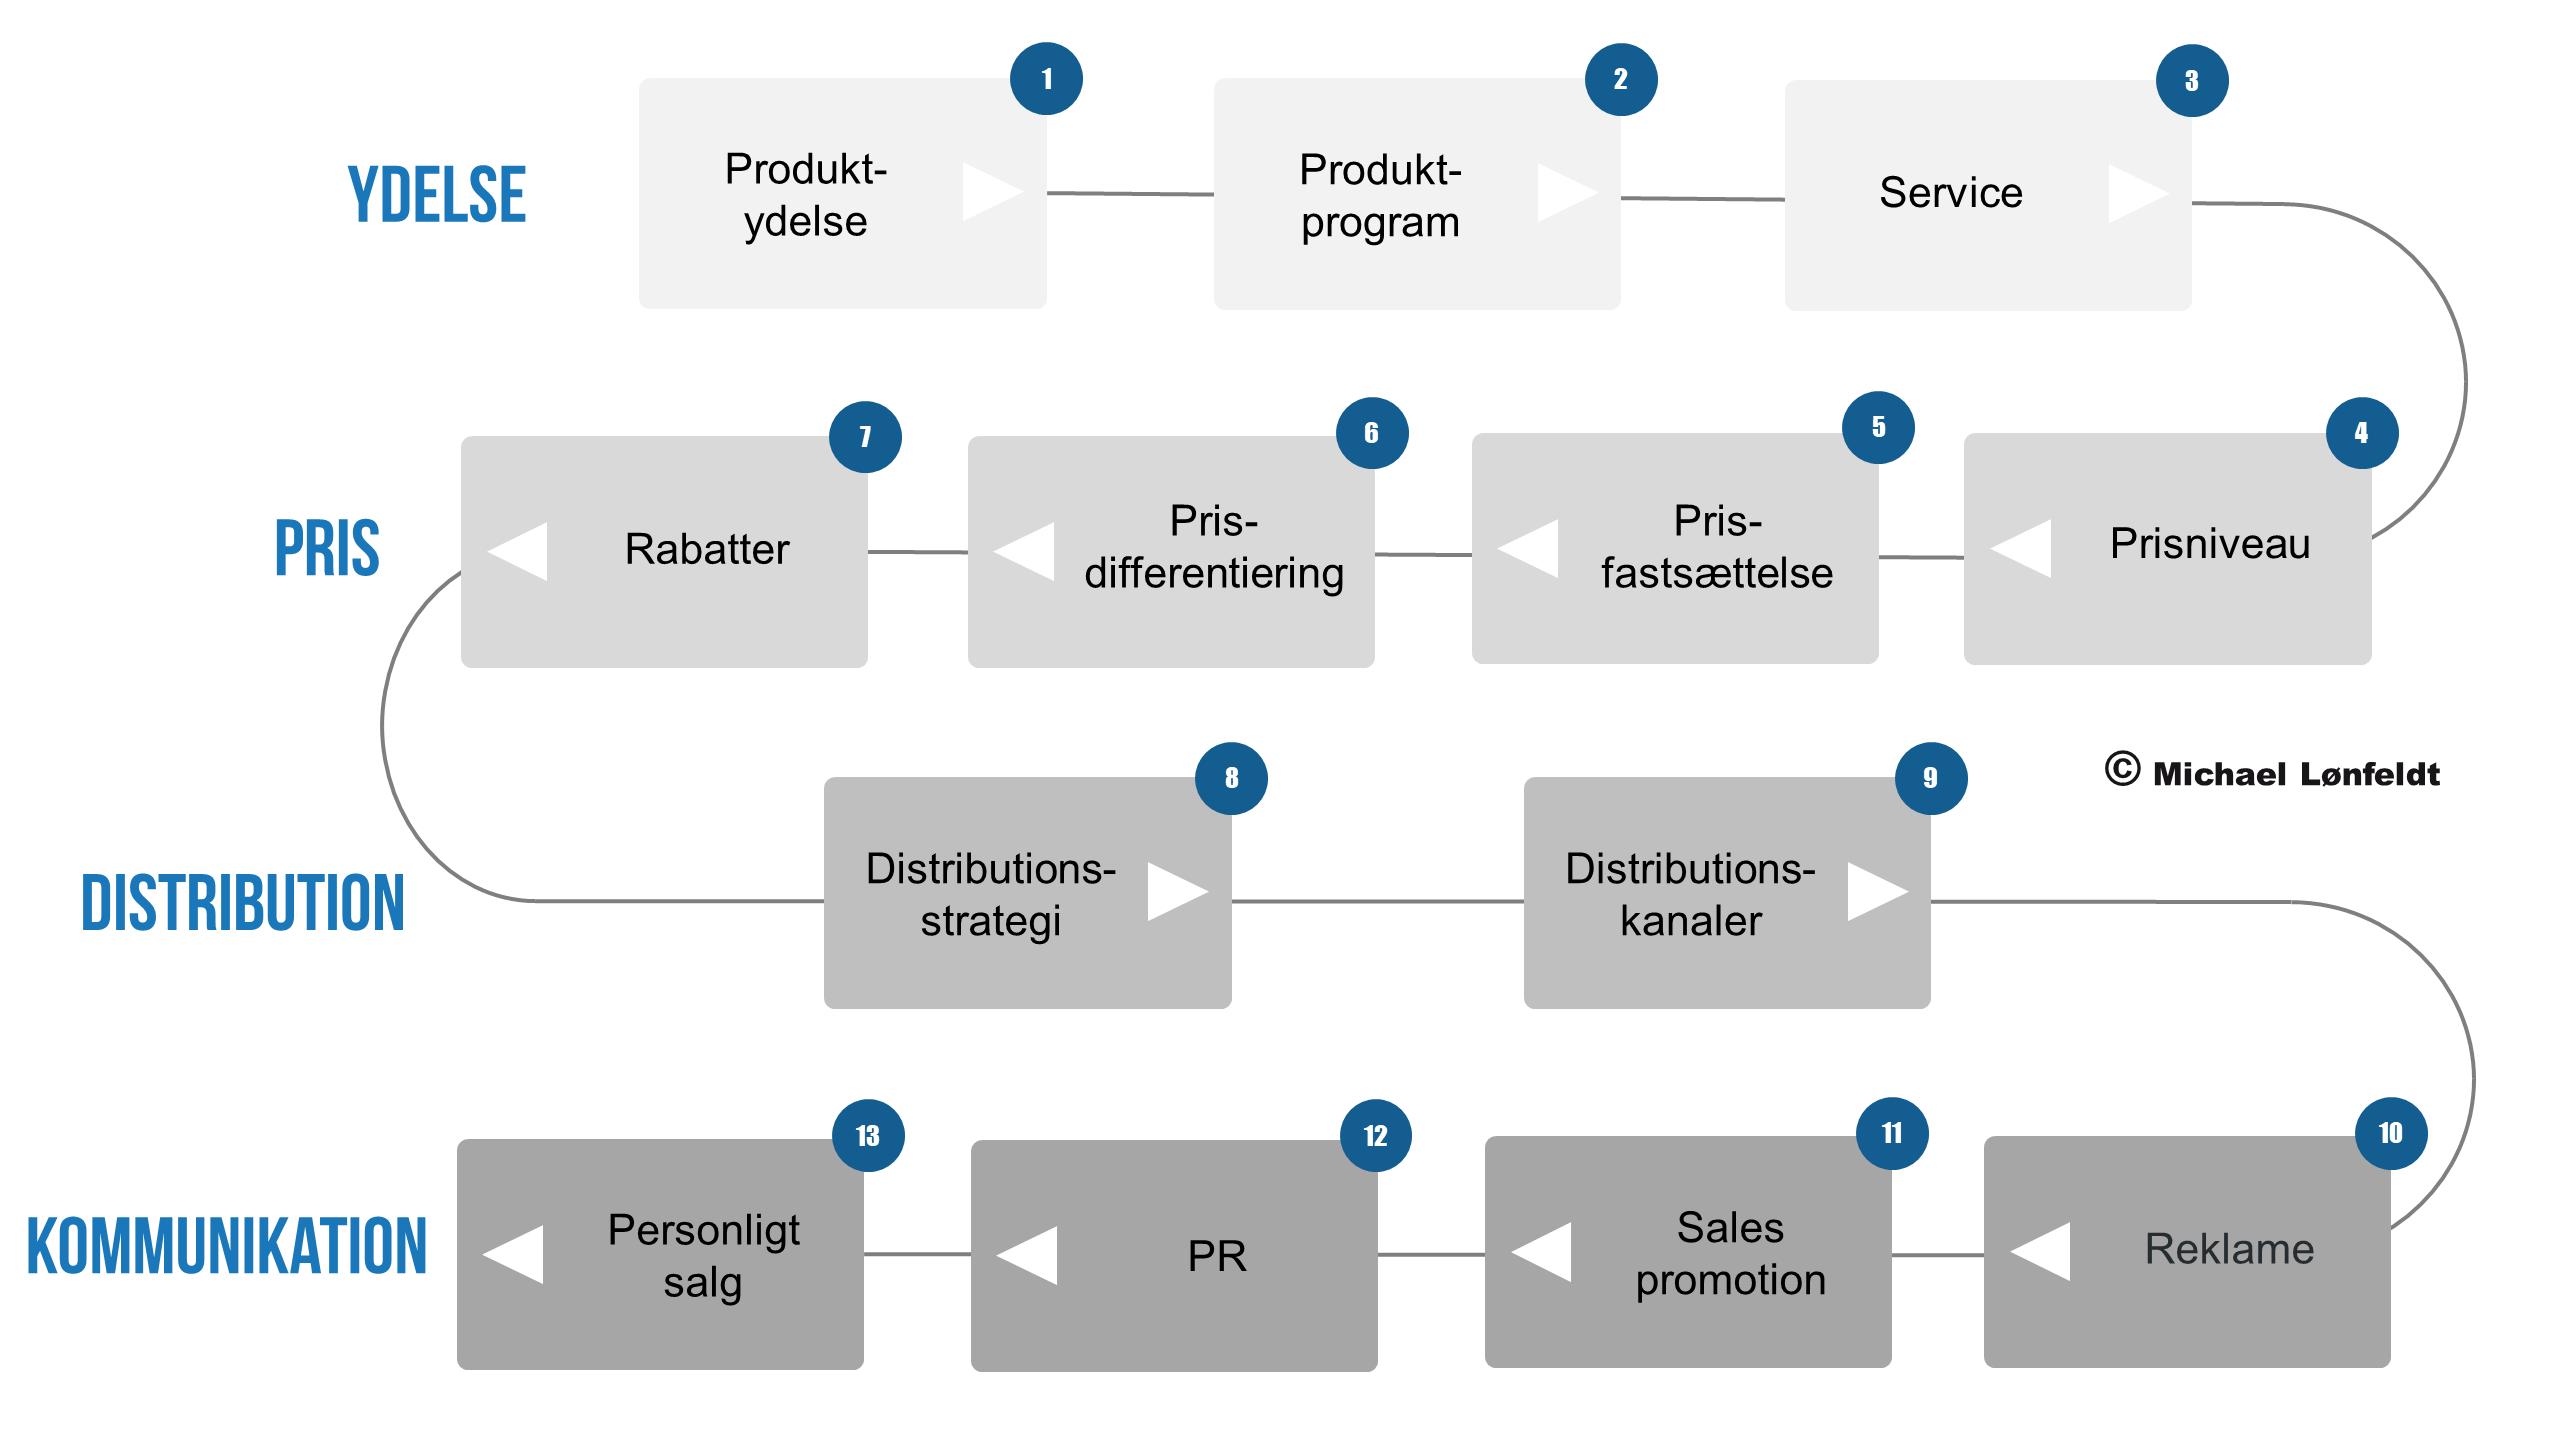 Proces for udvikling af marketing mix marketingmix markedsføringsmix markedsføring mix parametermix